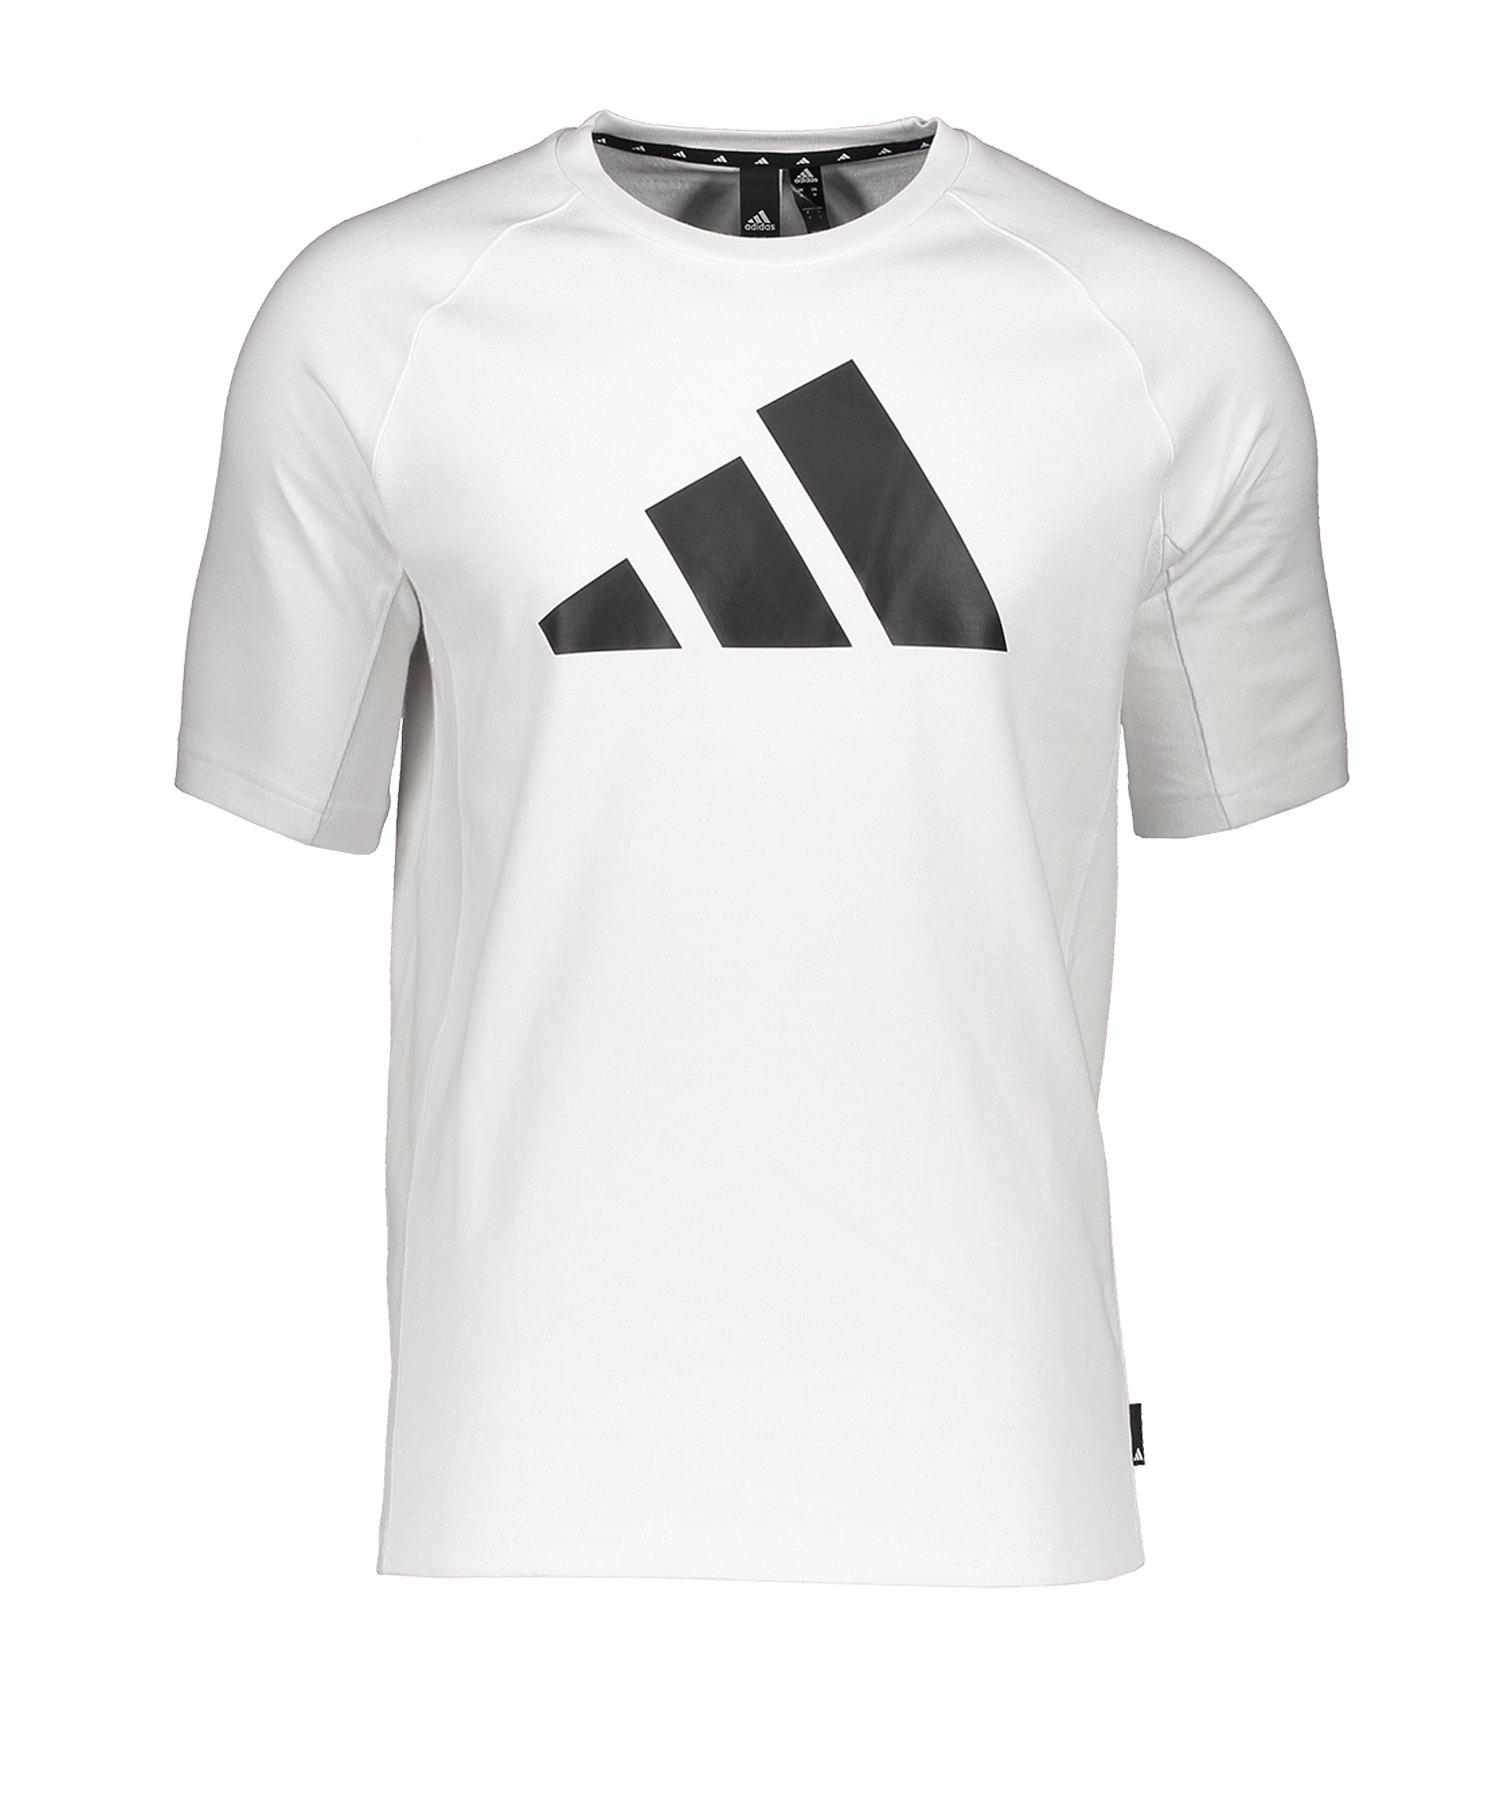 adidas PACK Heavy Tee T-Shirt Weiss Schwarz - weiss